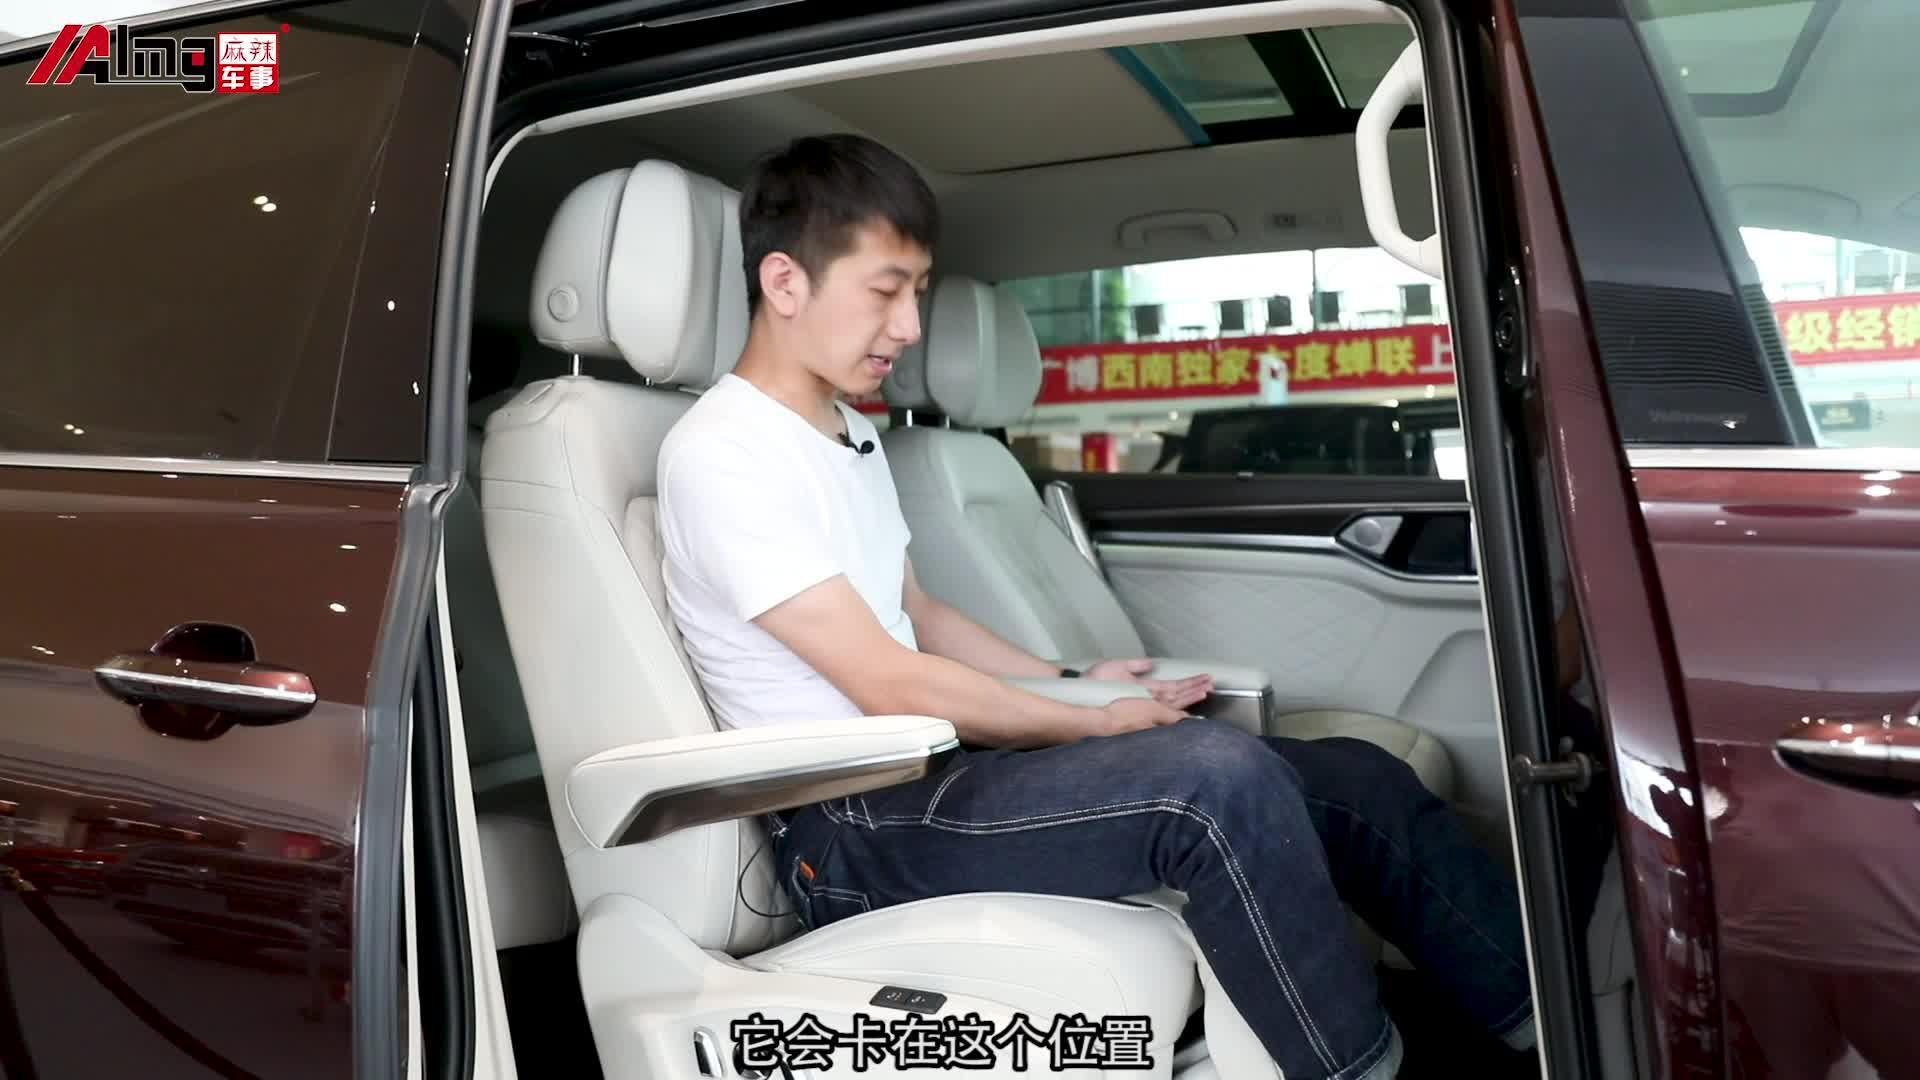 《一分钟读车》学会换位思考的后排座椅,超大空间2